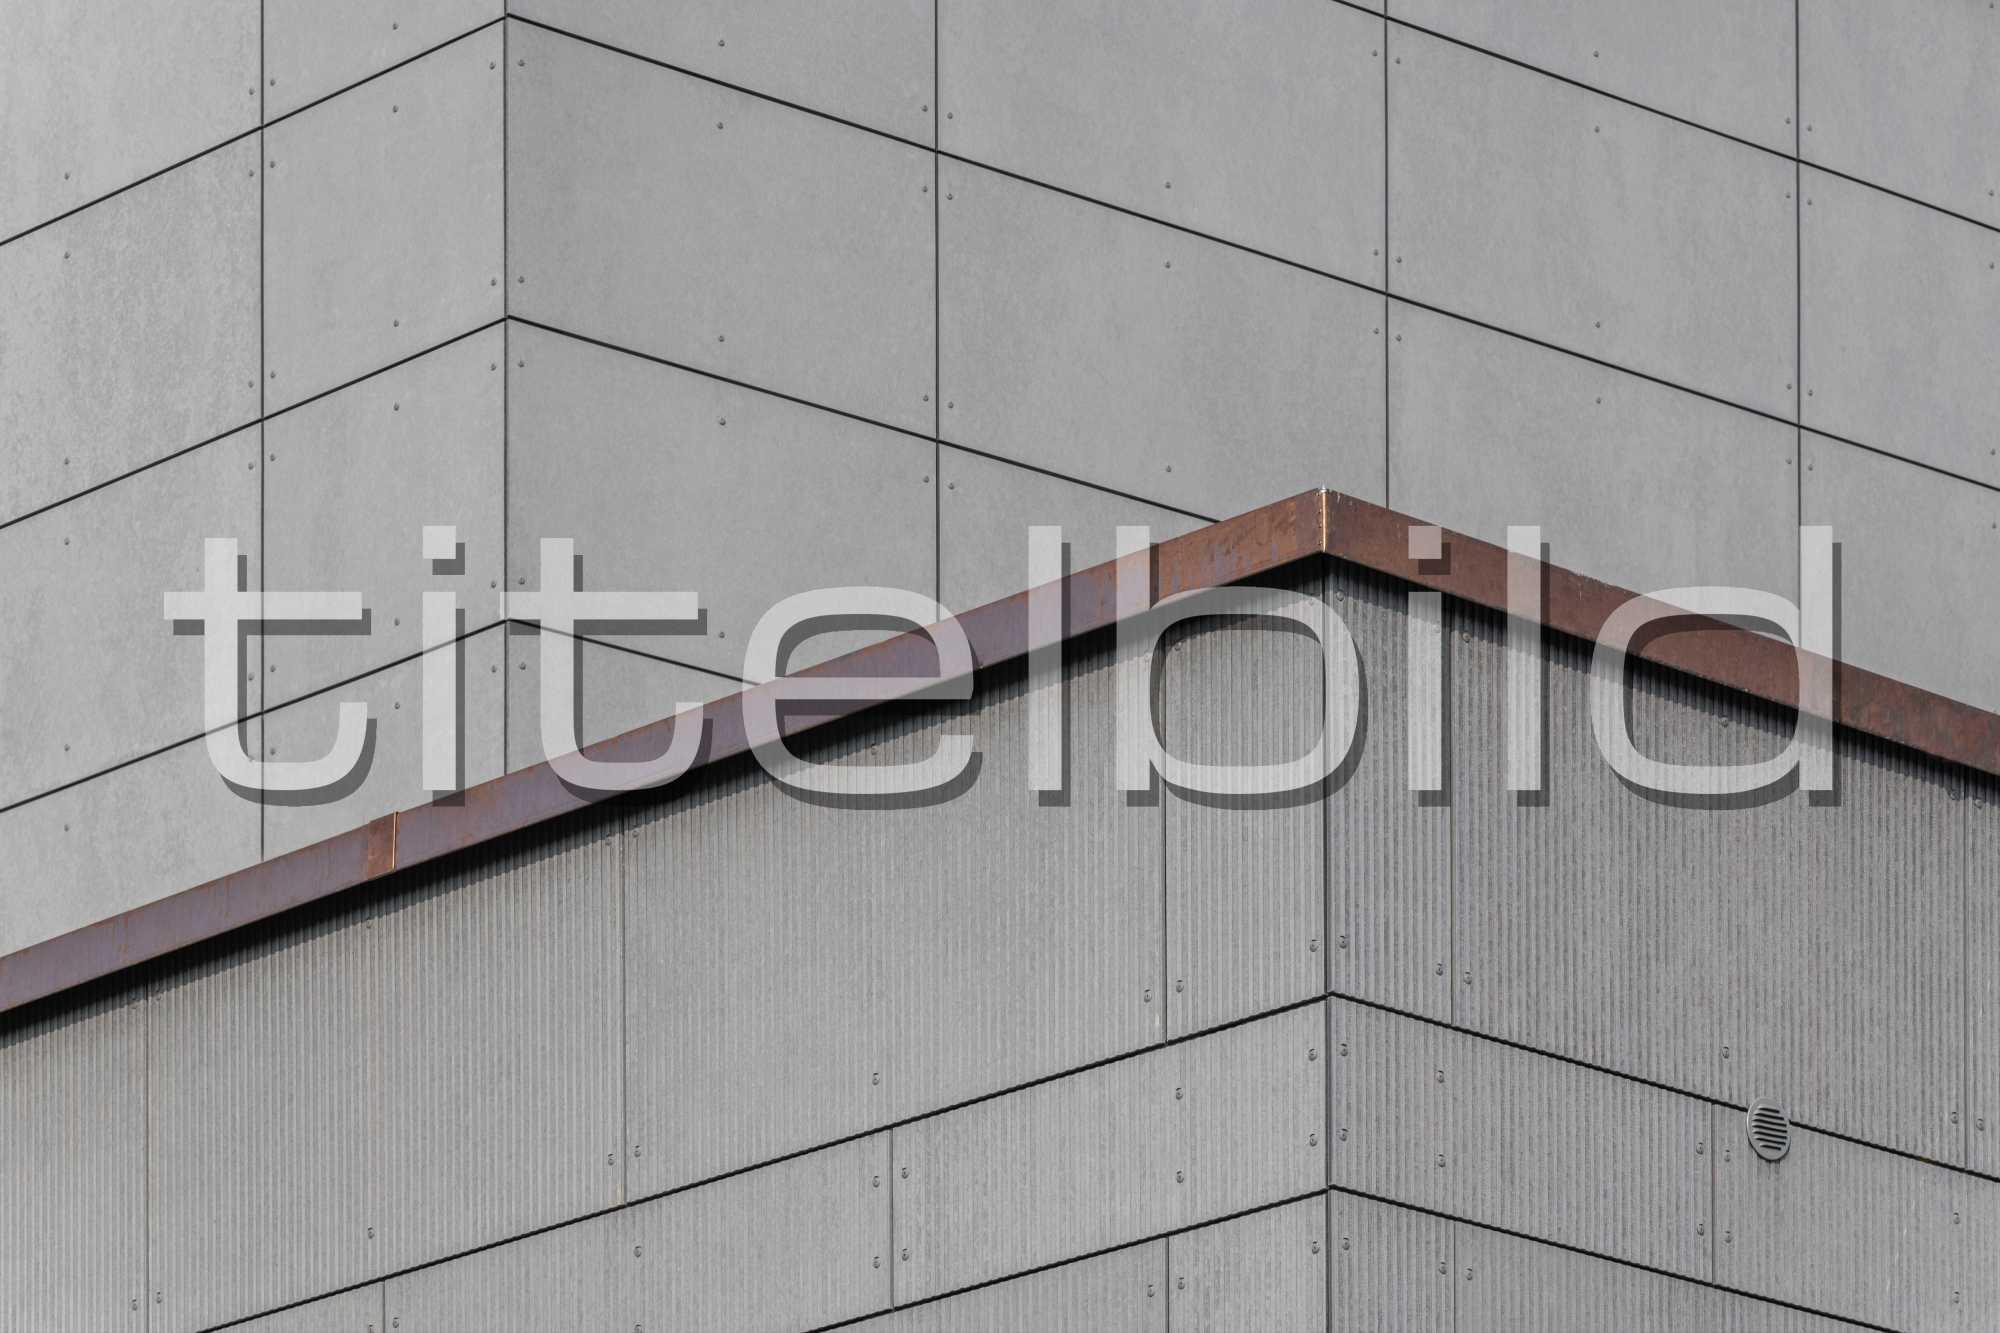 Projektbild-Nr. 3: Mehrzweckgebäude Tübach